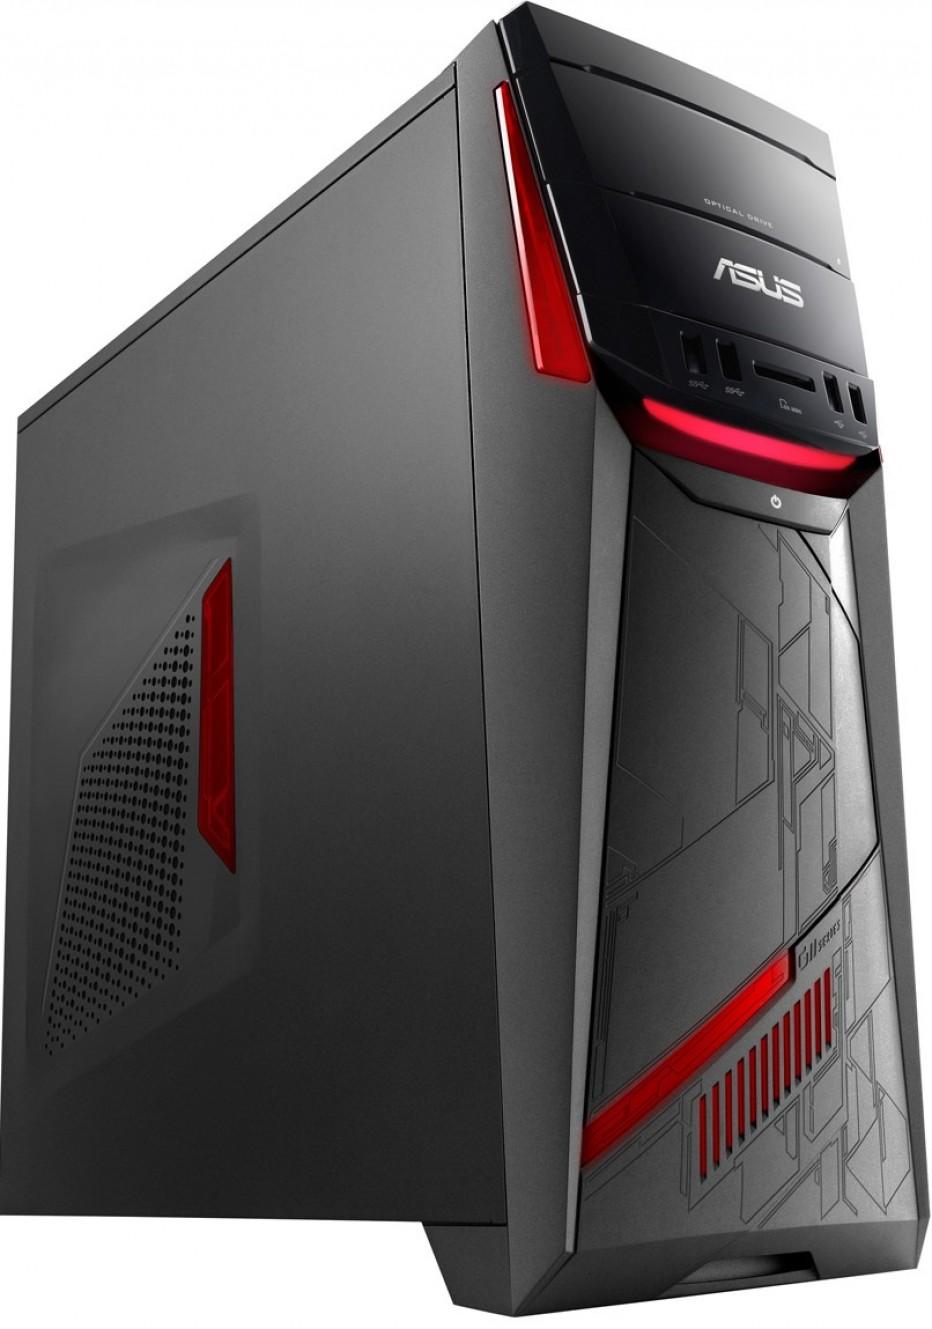 ASUS presents G11CB gaming computer